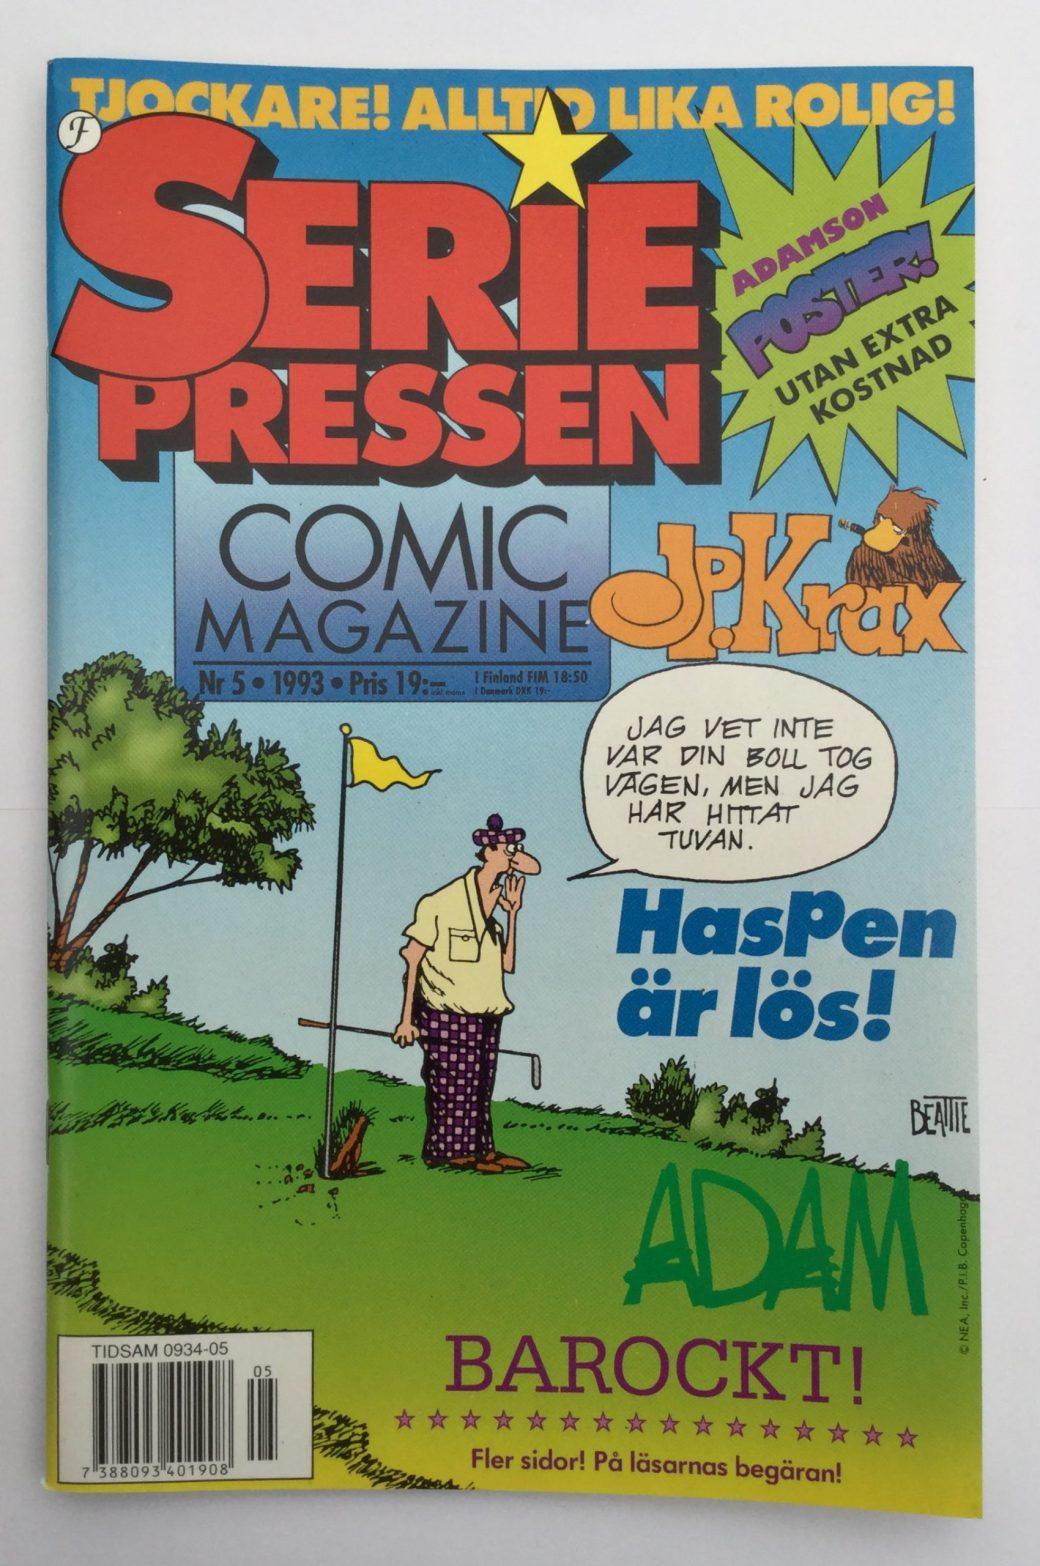 Seriepressen nr 5, 1993